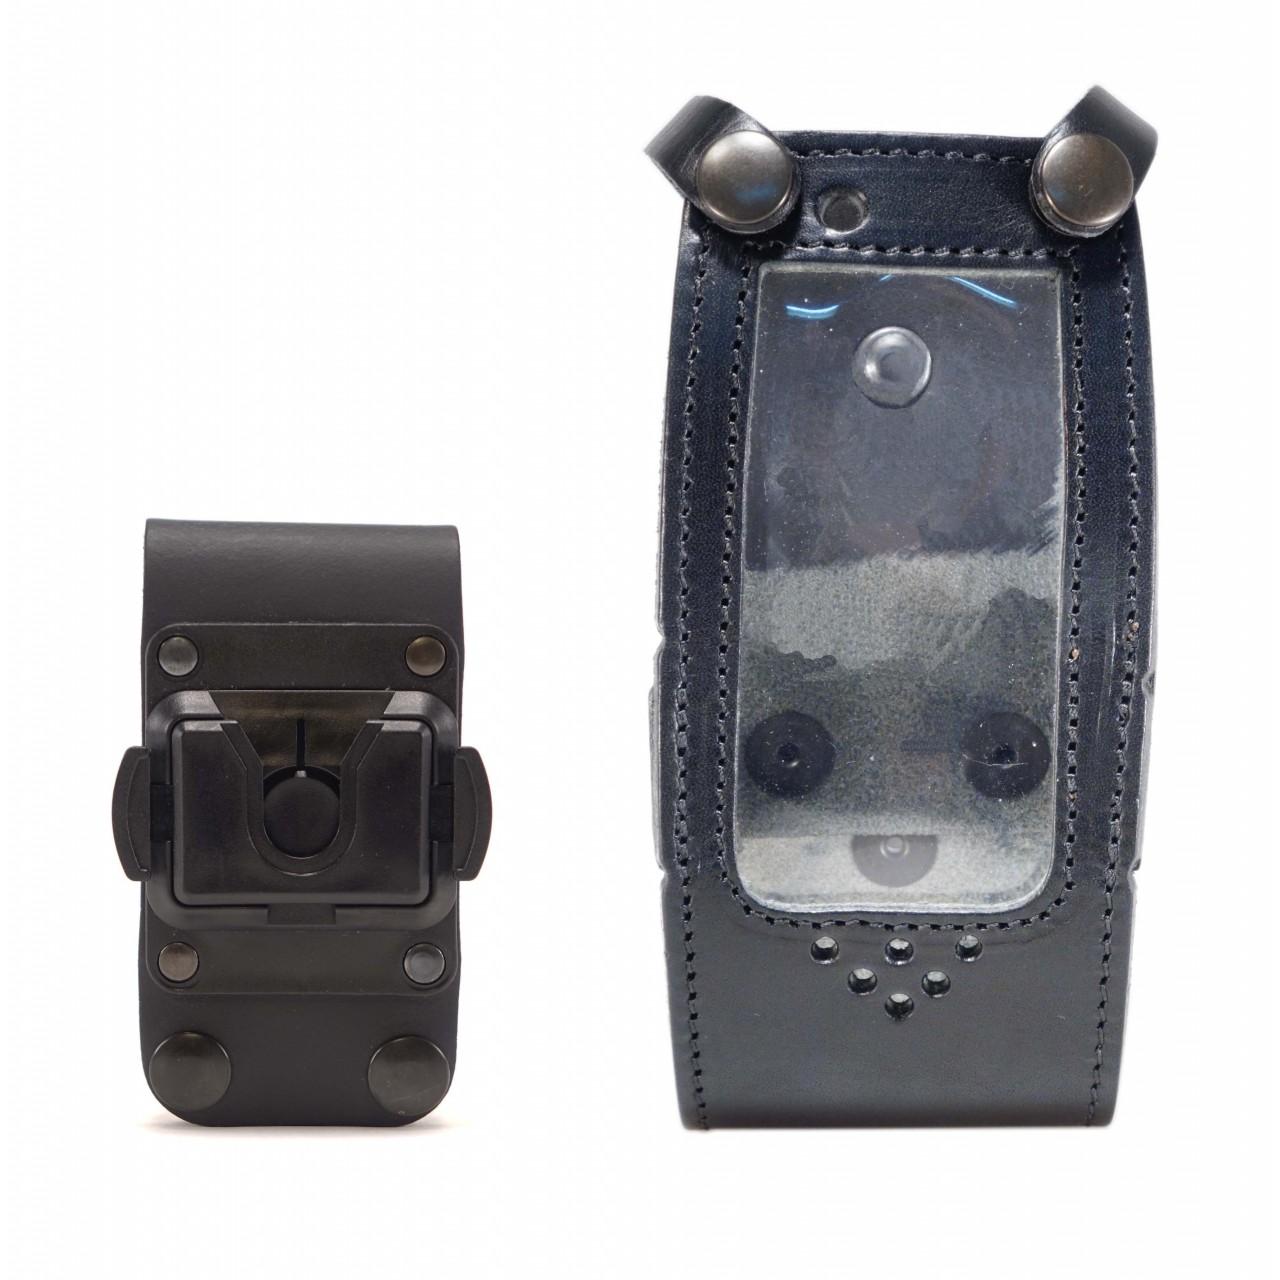 LC-ERF1100DPIVO Housses, systèmes d'attache et berceaux - ICOM